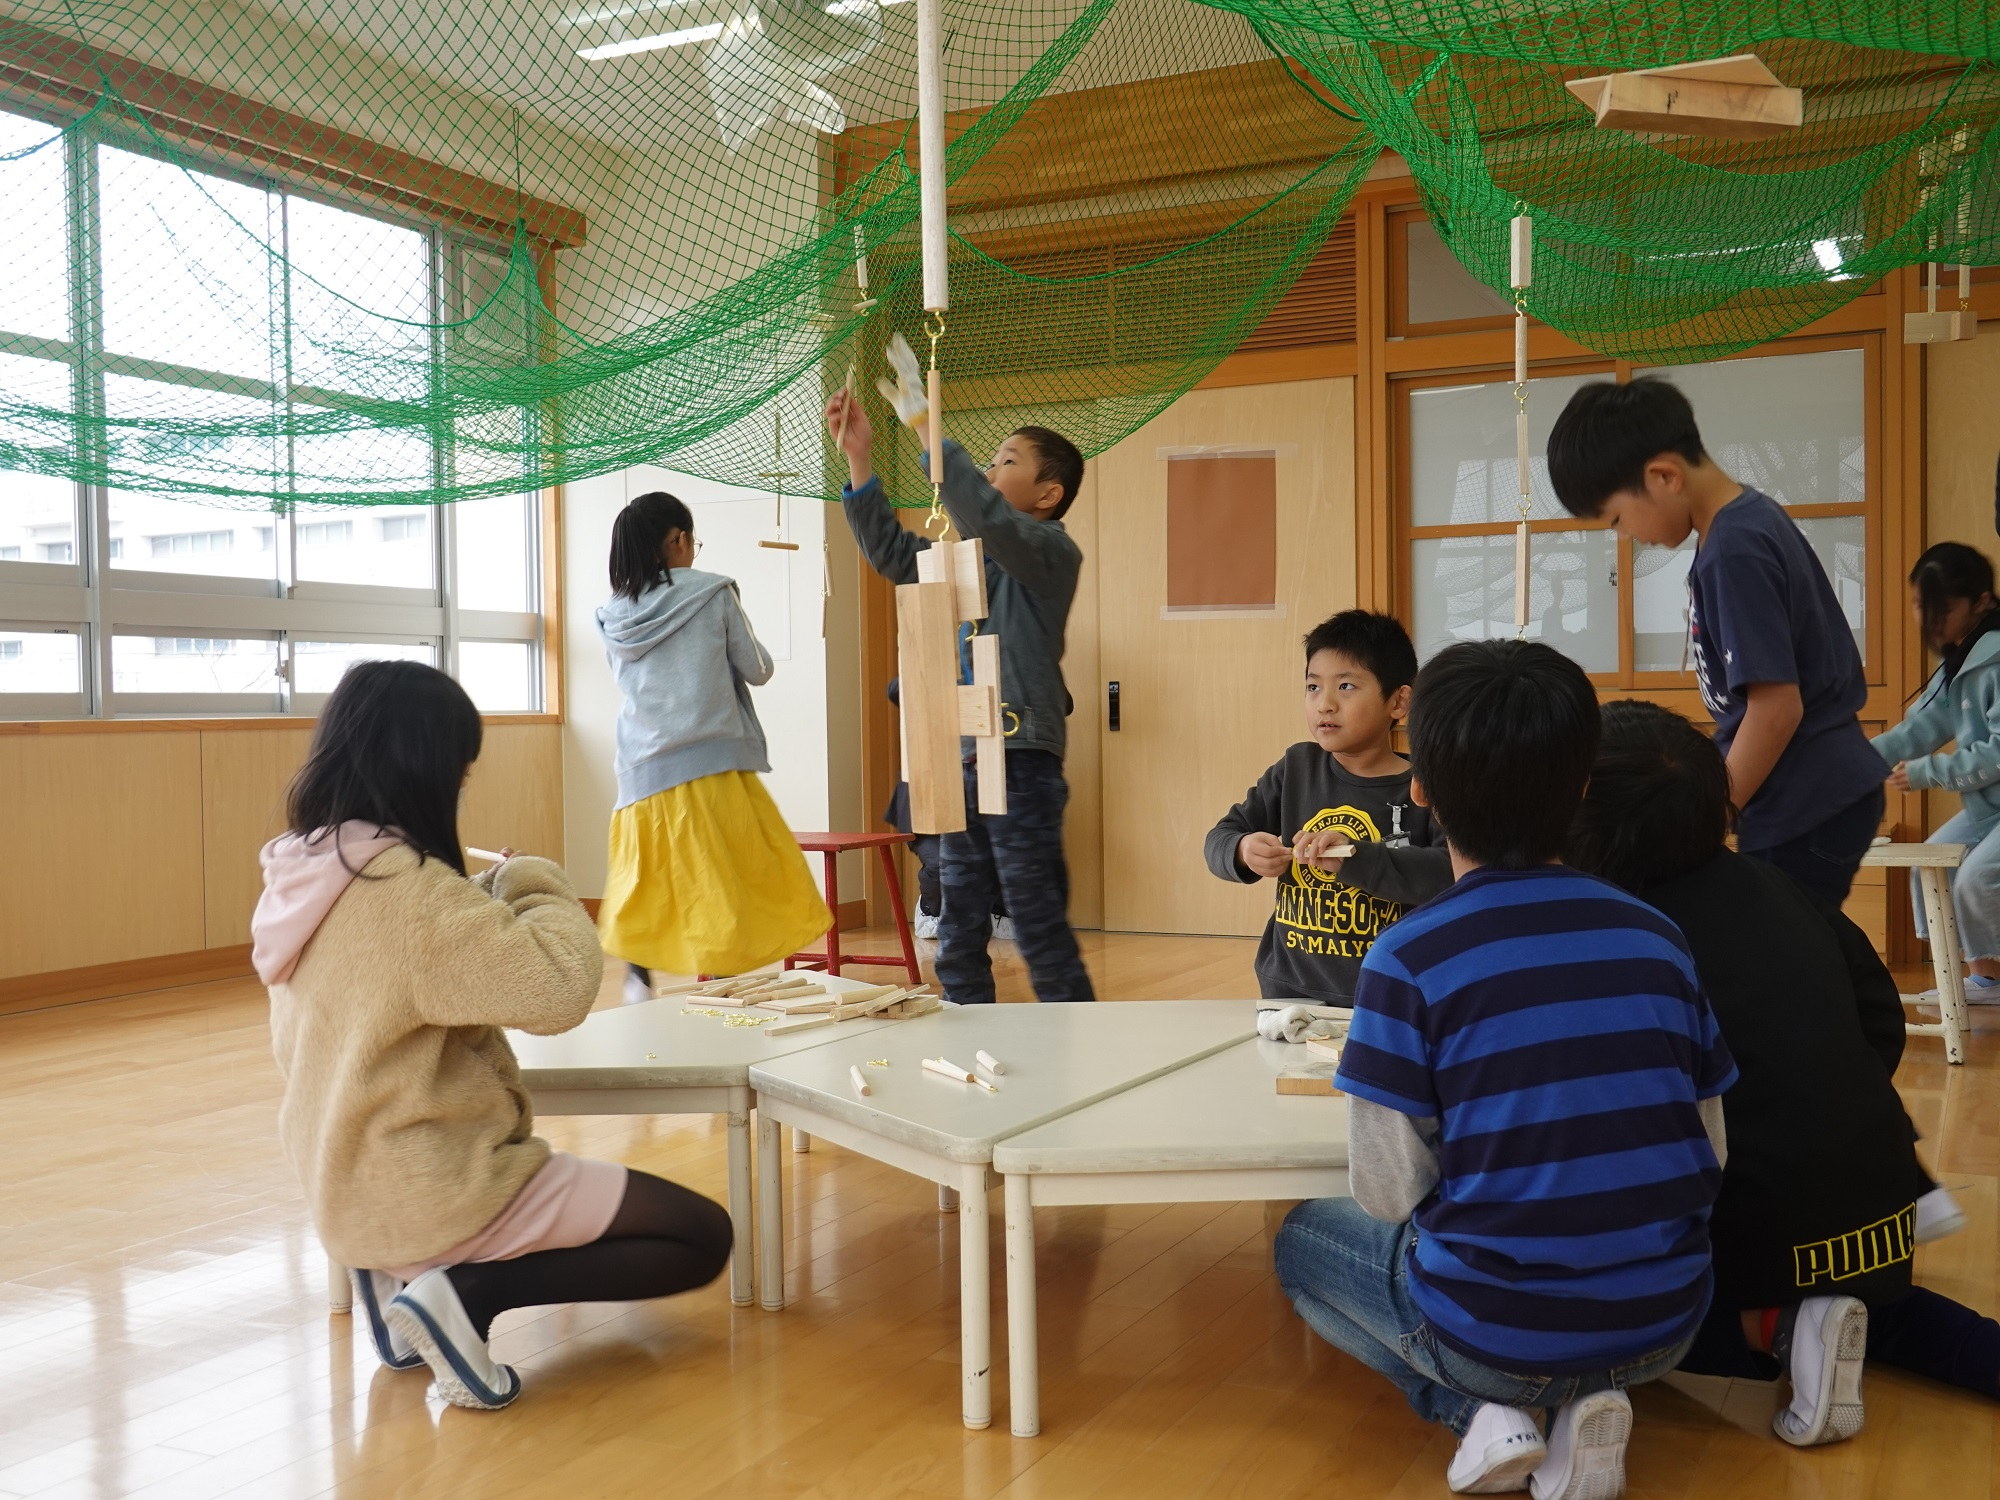 全造會名古屋小學校授課情況 五年級課程「木頭敲敲敲」